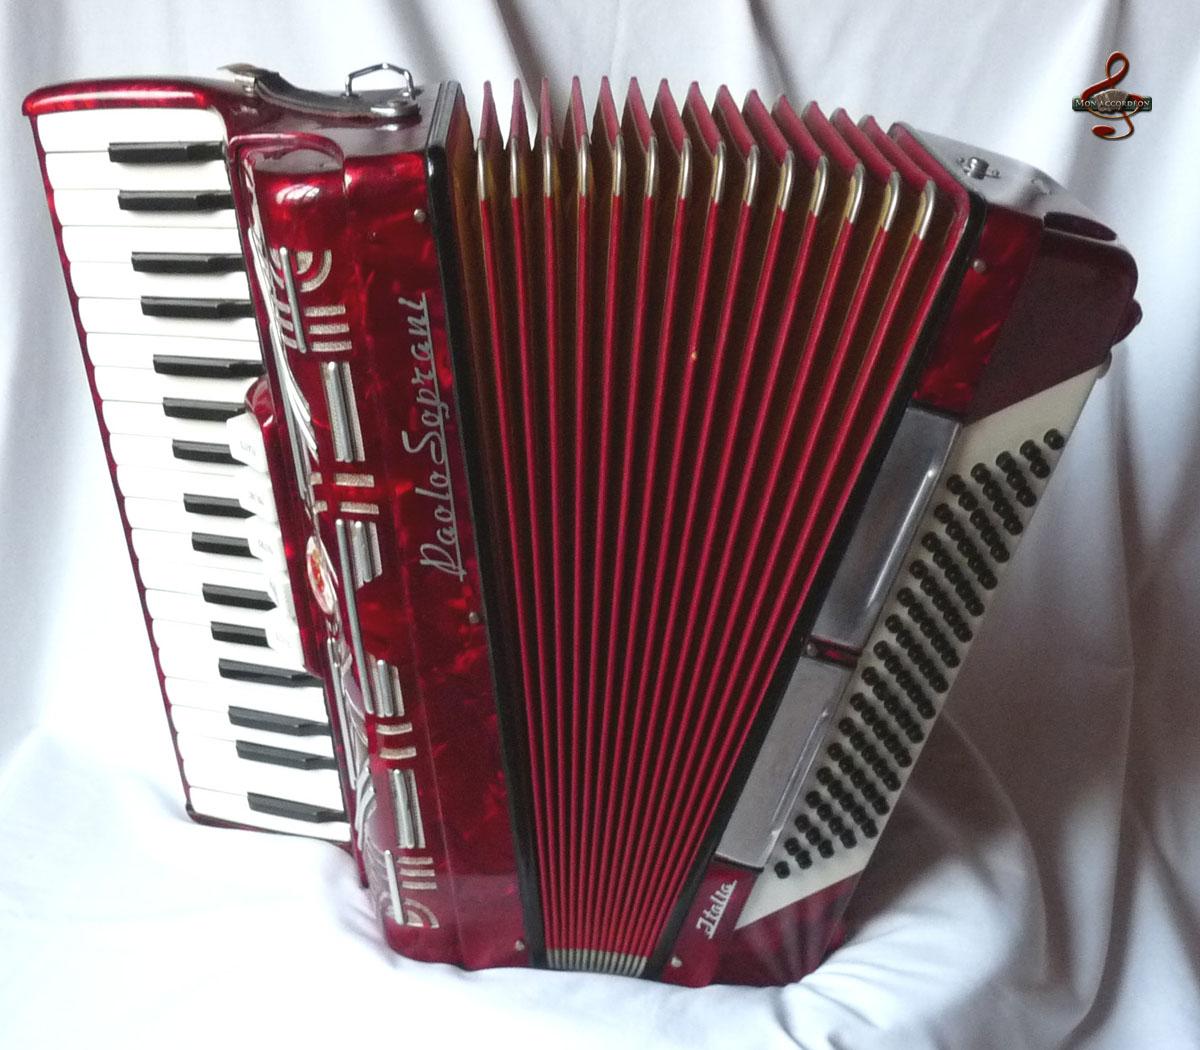 Paolo Soprani Occasion Basses Standard Clavier Piano 80 Basses 3 Voix